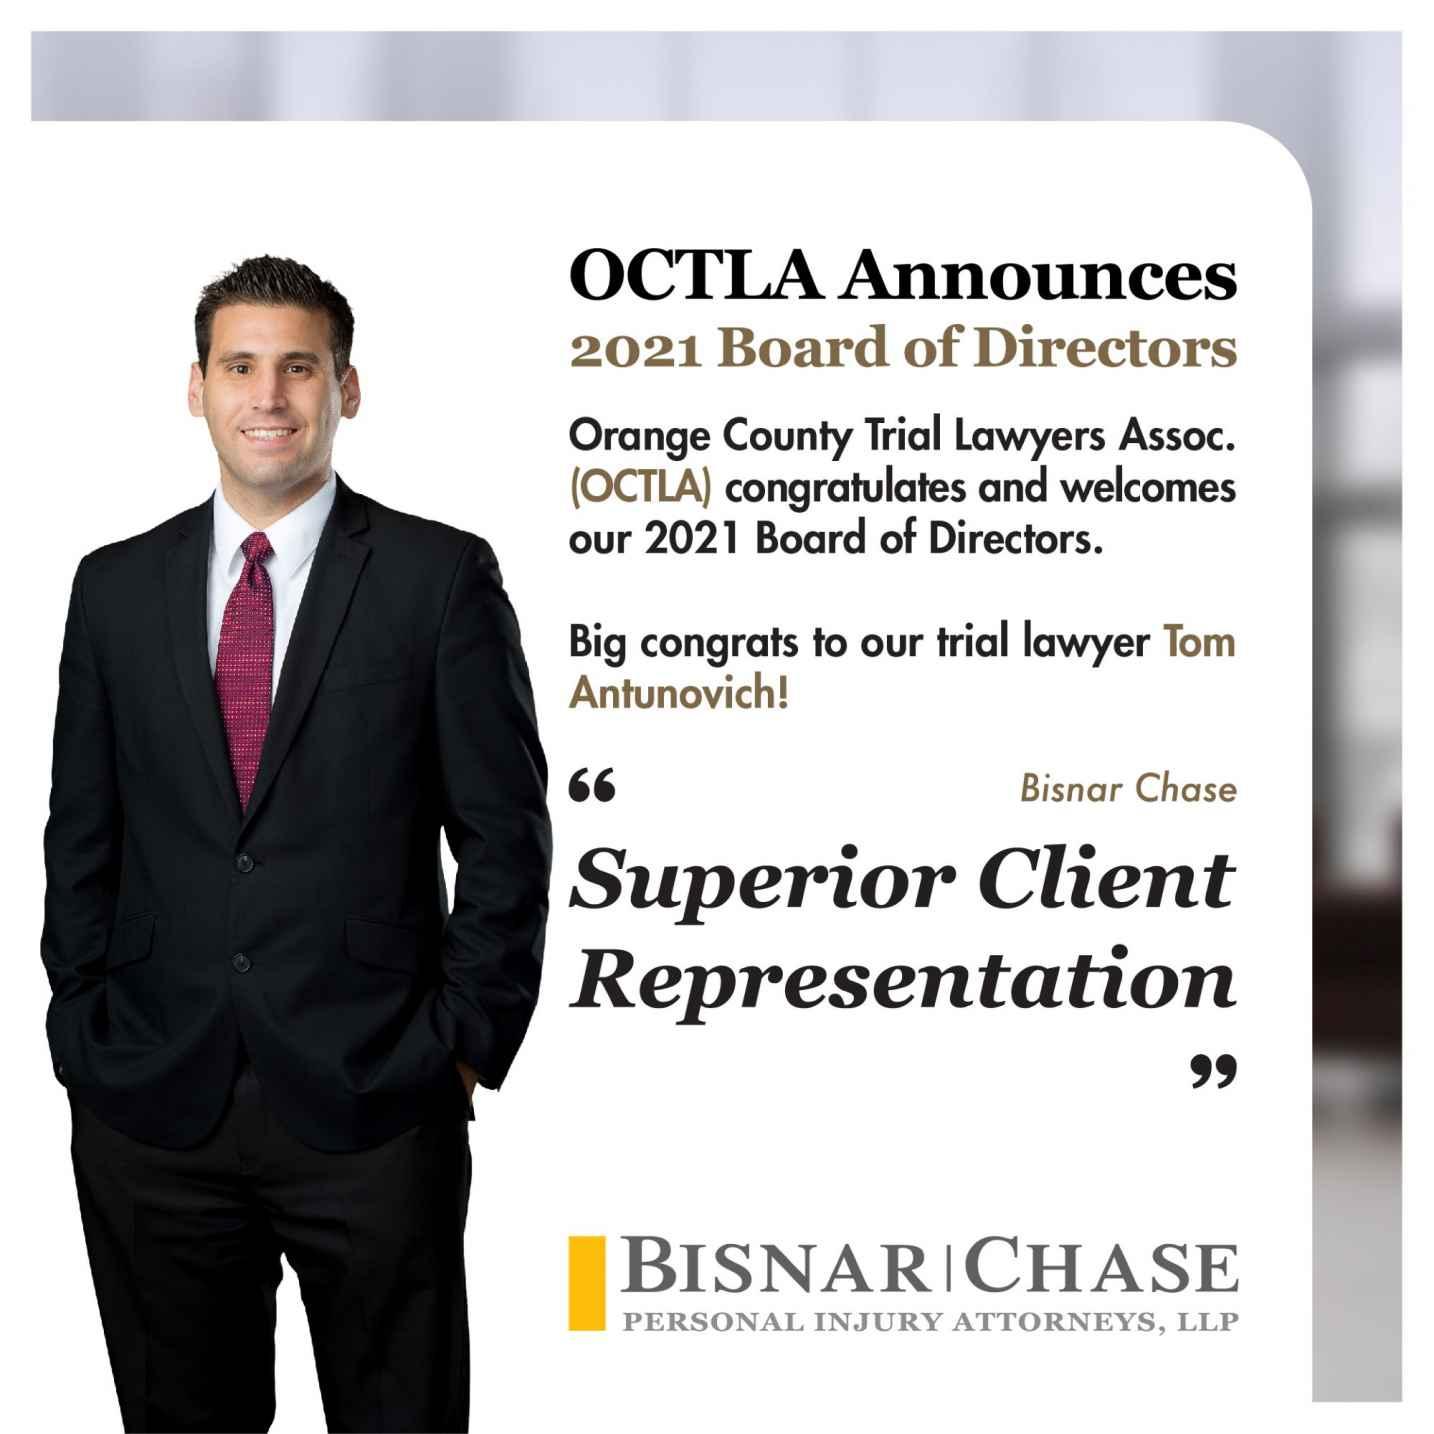 2021 Board Of Directors, OCTLA